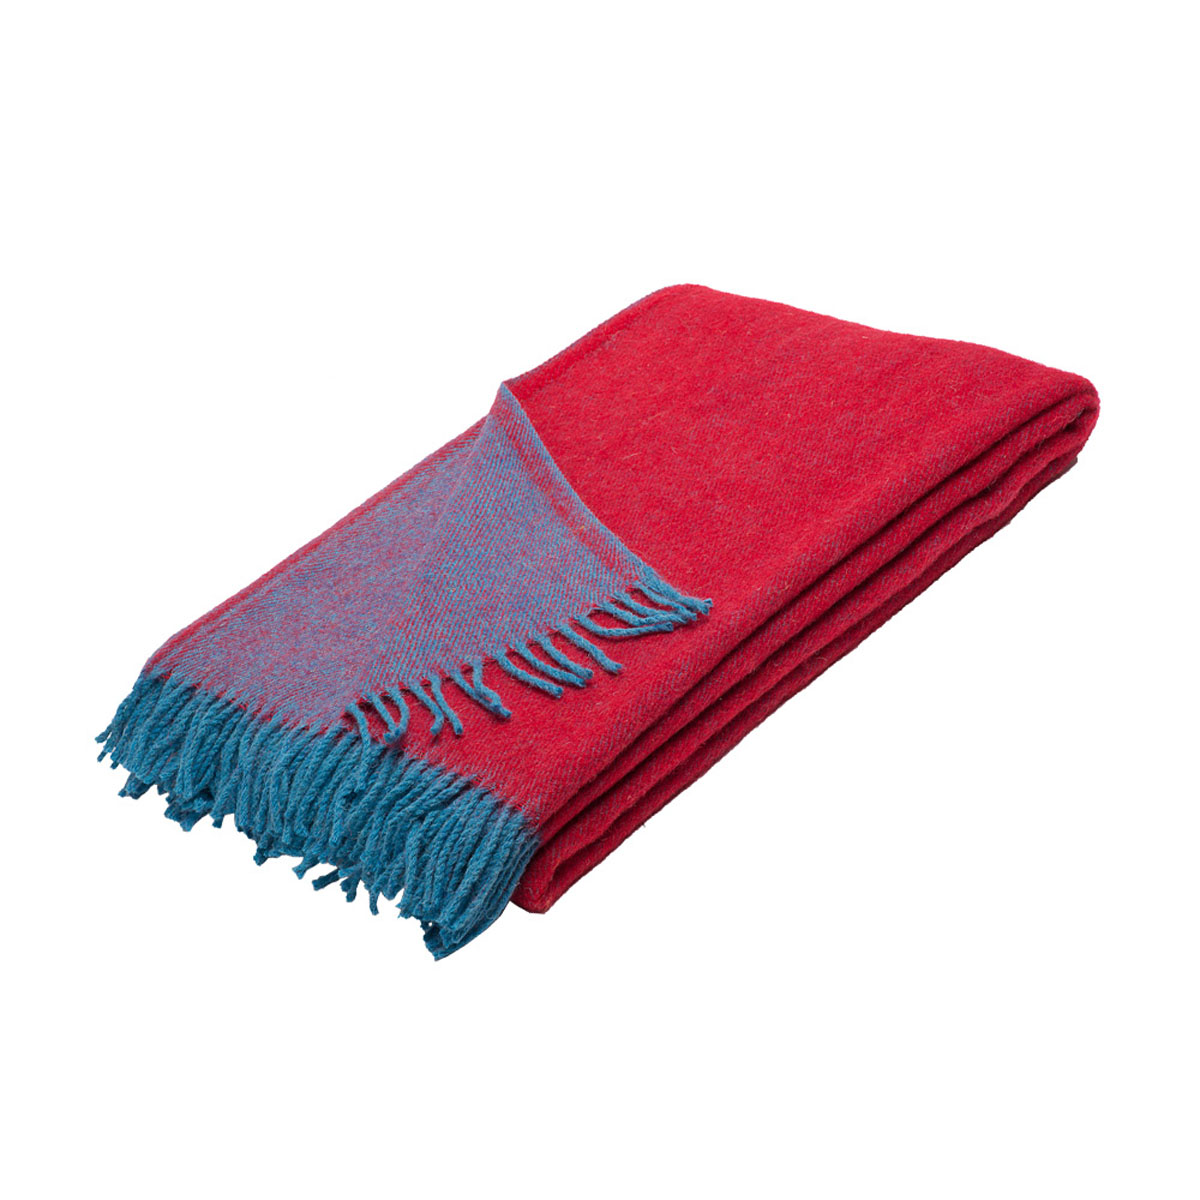 Плед Руно Дуэт, цвет: бордовый, голубой, 140 х 200 см. 1-531-140 (67)1-531-140 (67)Плед Руно Дуэт, выполненный из натуральной овечьей шерсти с молезащитной обработкой, добавит в комнате уюта и согреет в прохладные дни. Удобный размер этого очаровательного изделия позволит использовать его и как одеяло, и как покрывало для кресла или софы. Плед Руно Дуэт украсит интерьер любой комнаты и станет отличным подарком друзьям и близким! Под шерстяным пледом вам никогда не станет жарко или холодно, он помогает поддерживать постоянную температуру тела. Шерсть обладает прекрасной воздухопроницаемостью, она поглощает и нейтрализует вредные вещества и славится своими целебными свойствами. Плед из шерсти станет лучшим лекарством для людей, страдающих ревматизмом, радикулитом, головными и мышечными болями, сердечно-сосудистыми заболеваниями и нарушениями кровообращения. Шерсть не электризуется. Она прочна, износостойка, долговечна. Наконец, шерсть просто приятна на ощупь, ее мягкость и фактура вызывают потрясающие тактильные ощущения!